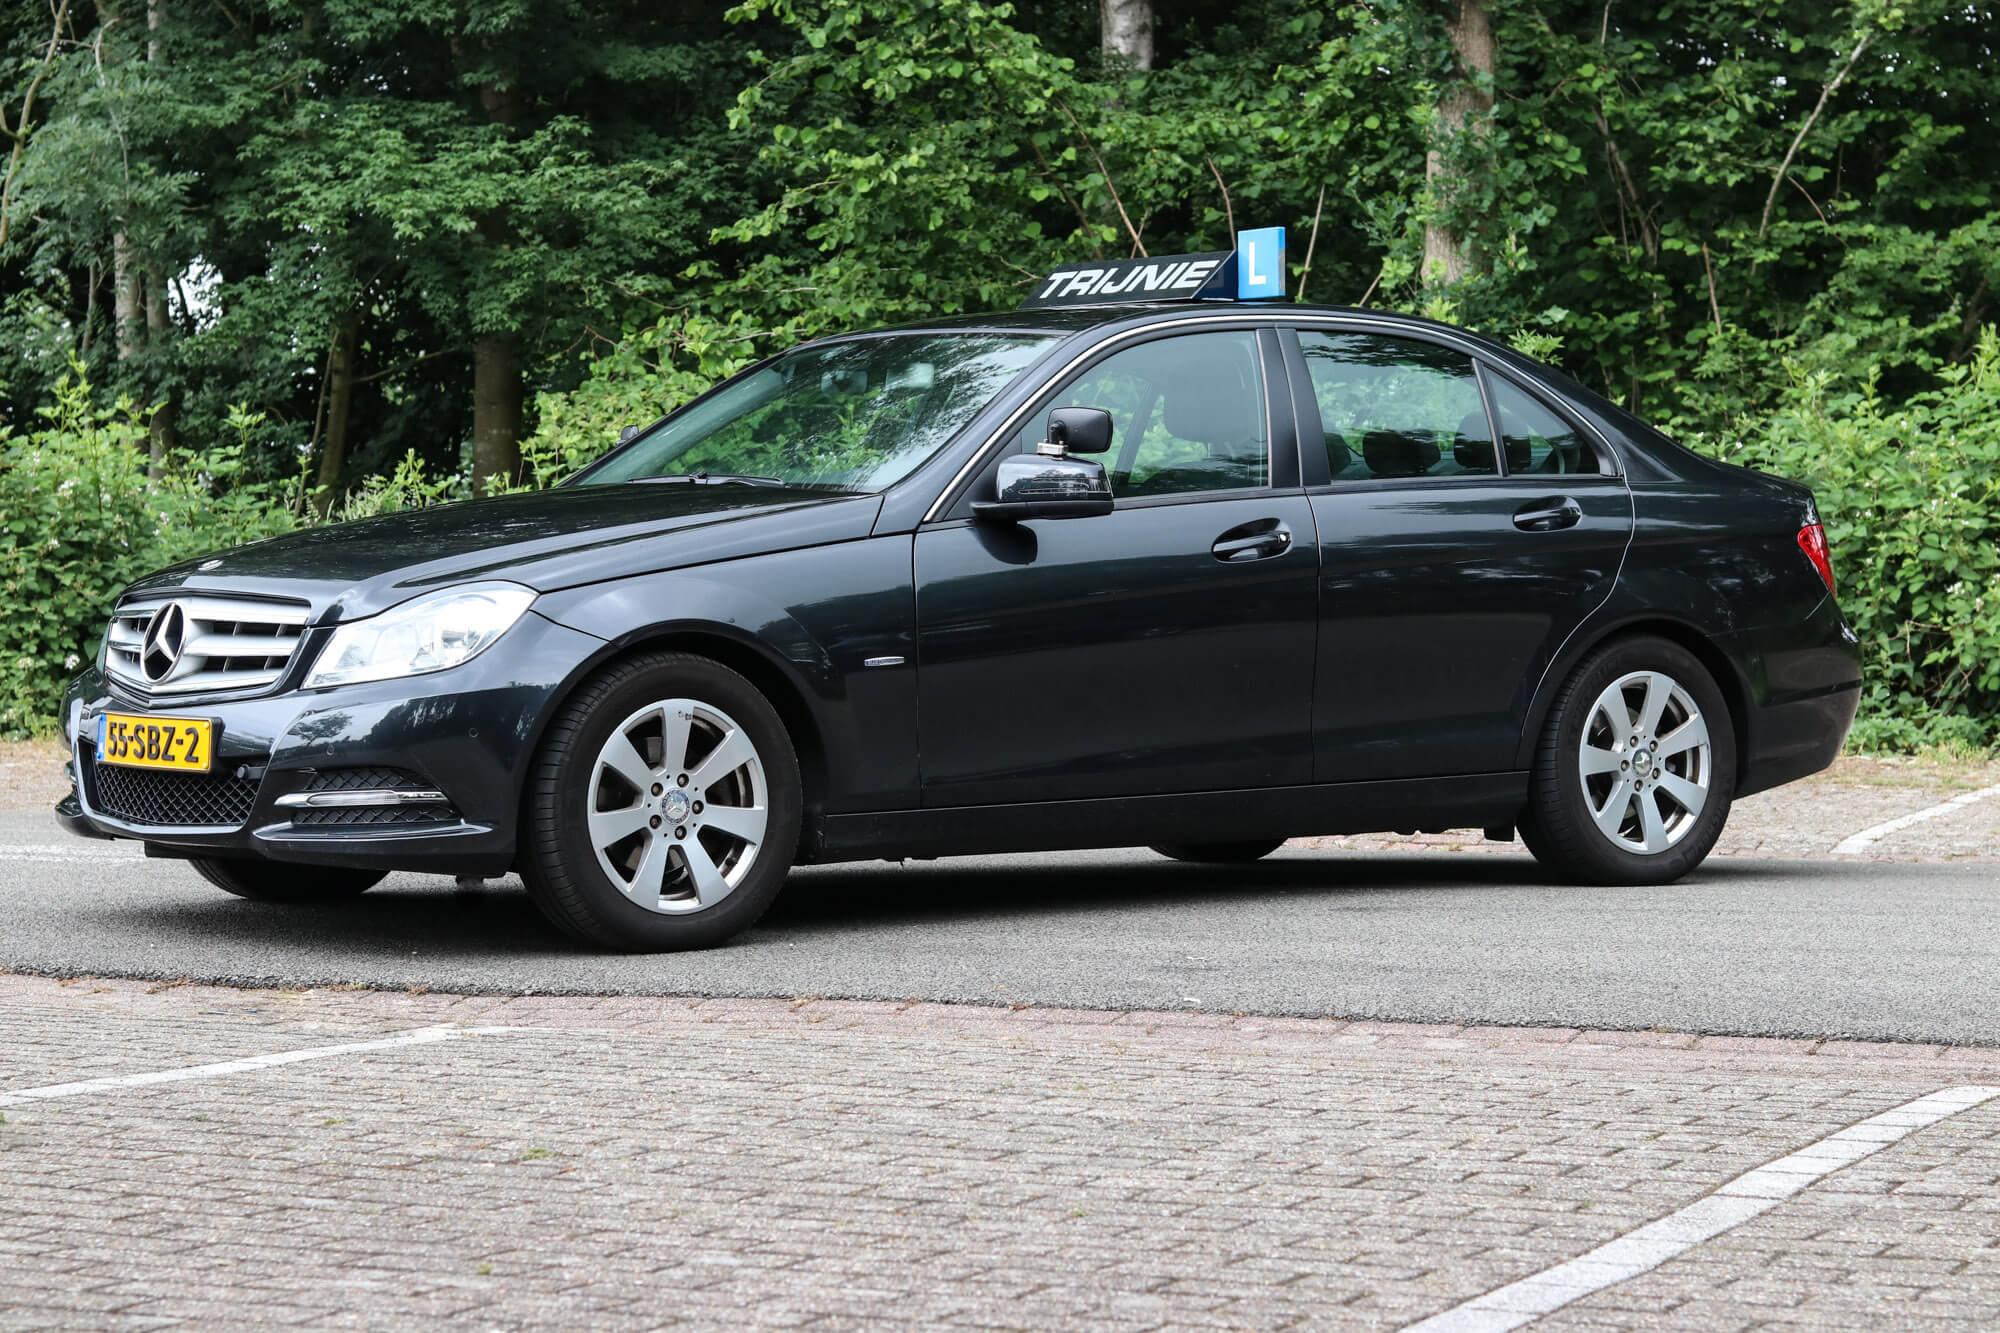 Mercedes C Klasse Autorijschool Trijnie Groningen